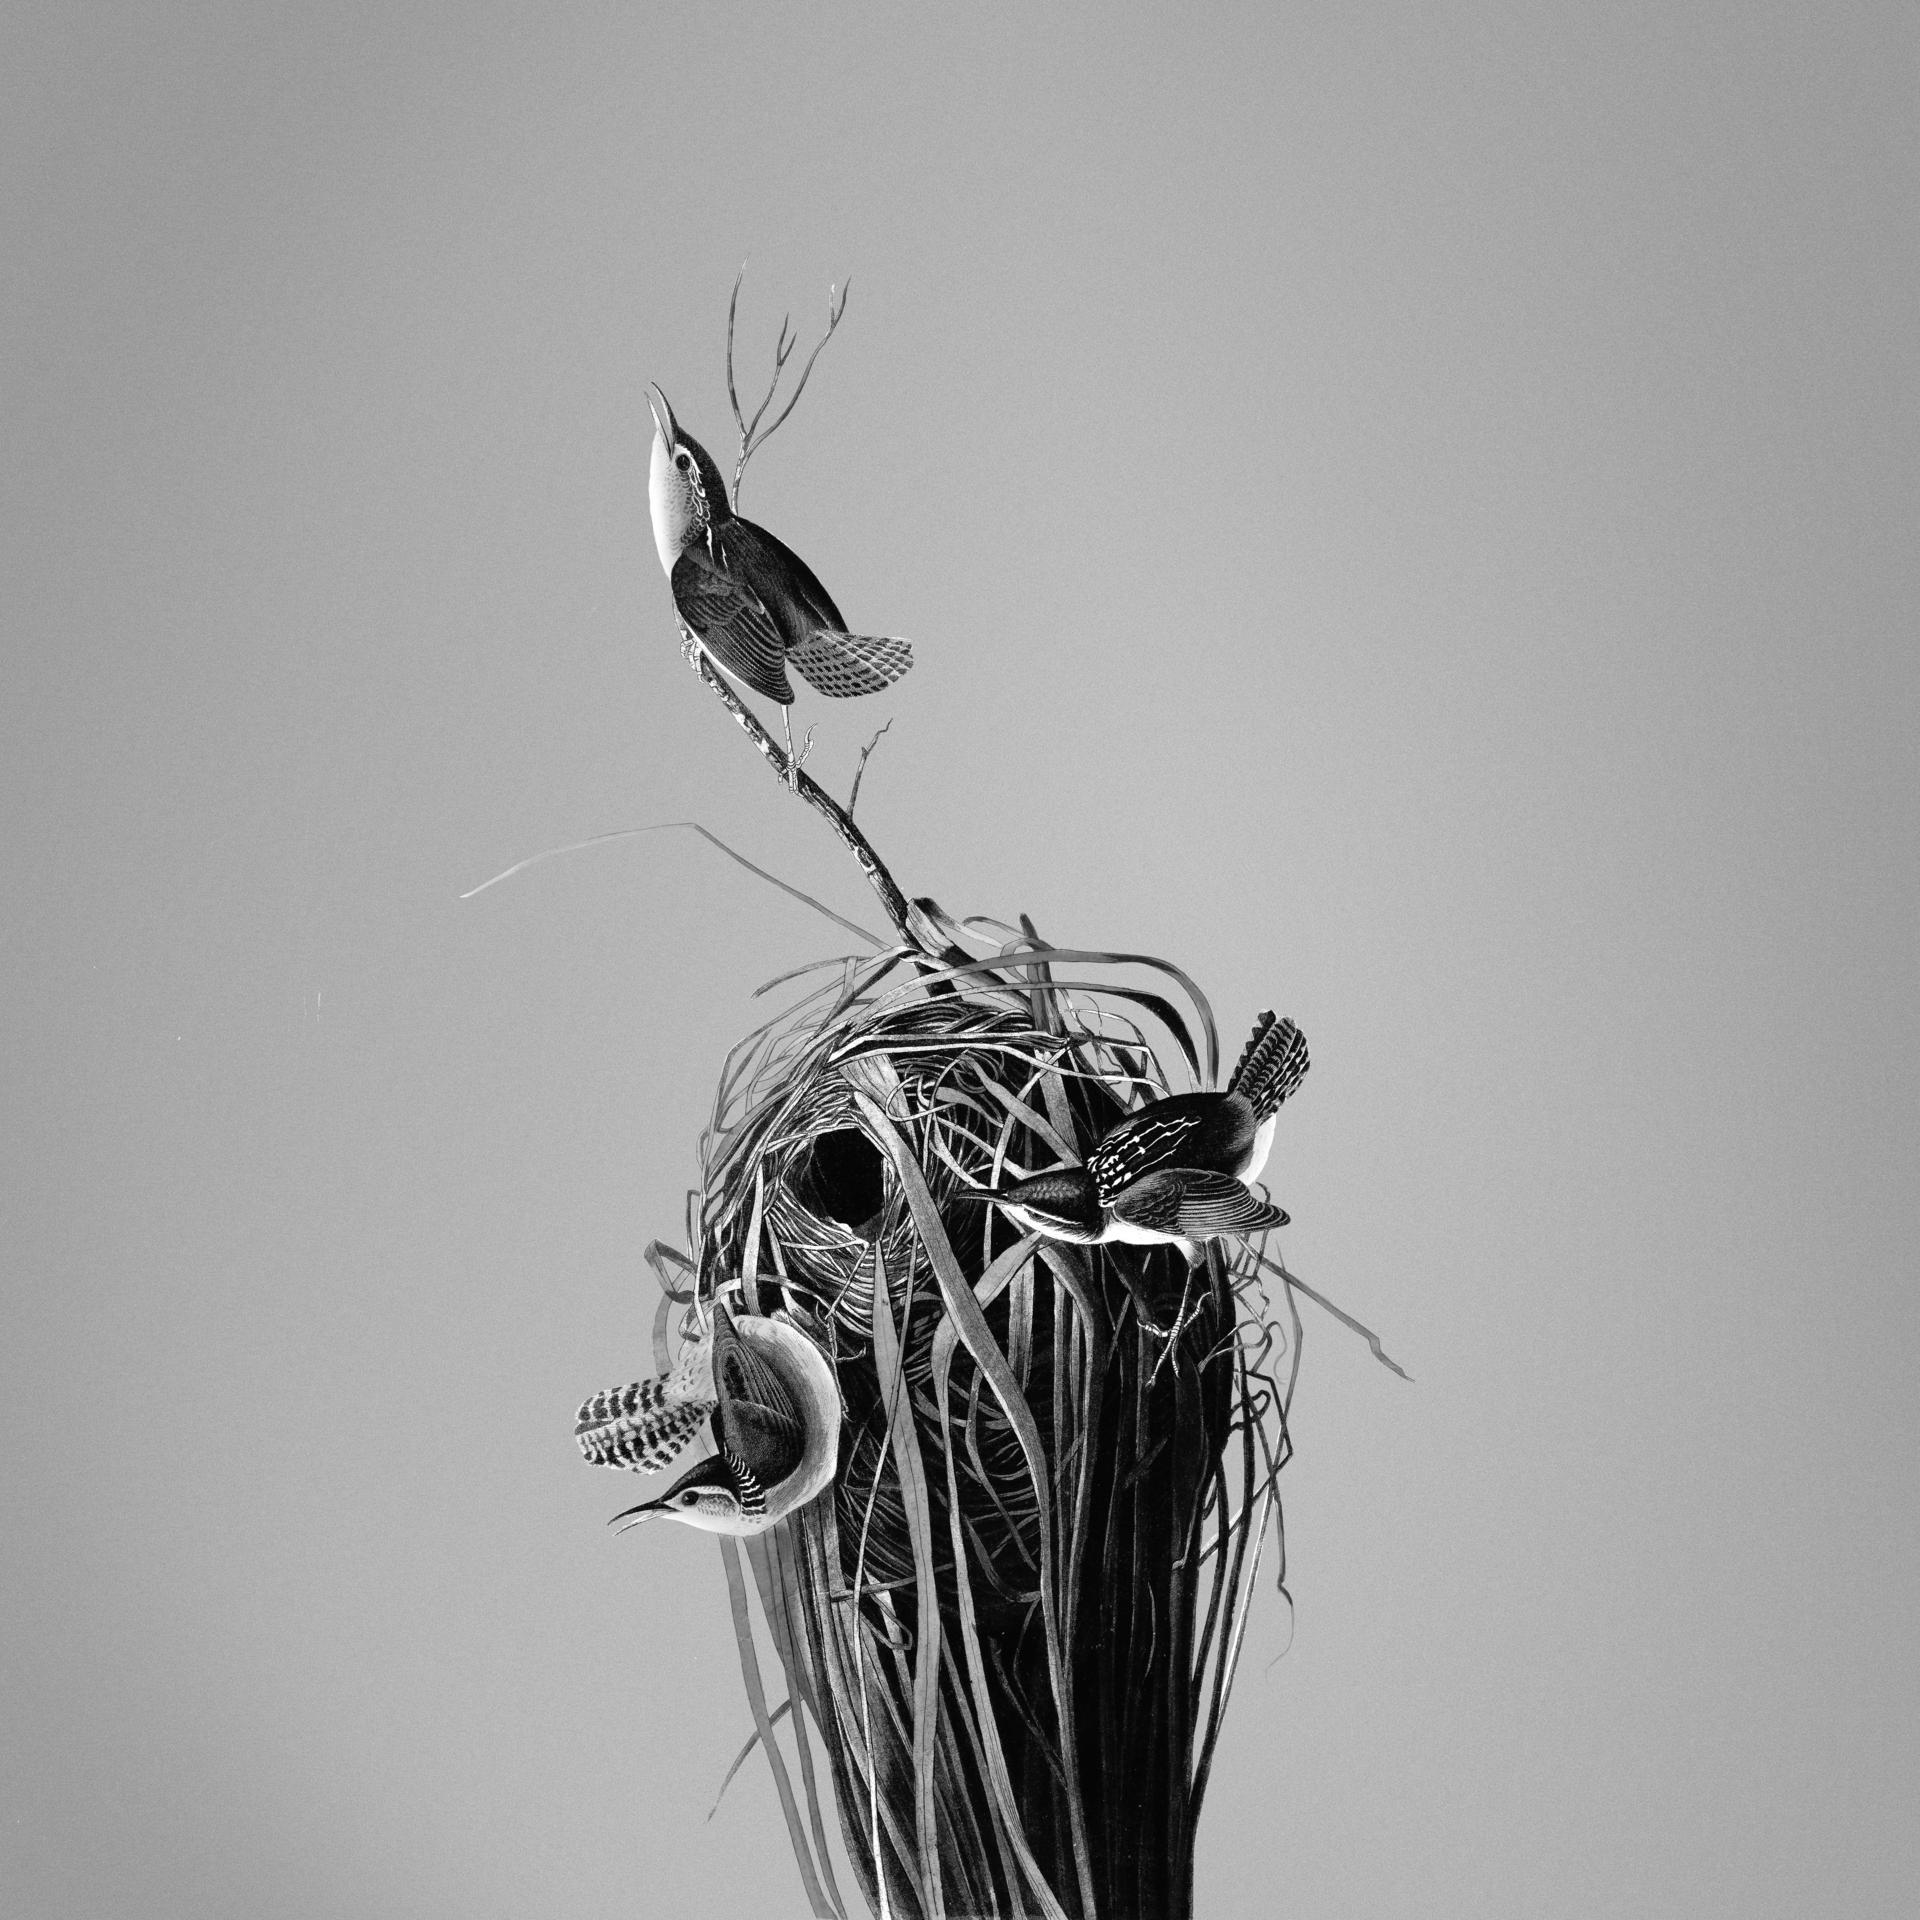 0006_现代装饰_现代装饰画调色版图集TIF-黑白鸟巢(去英文字)_7584x7584PX_TIF_150DPI_56_0